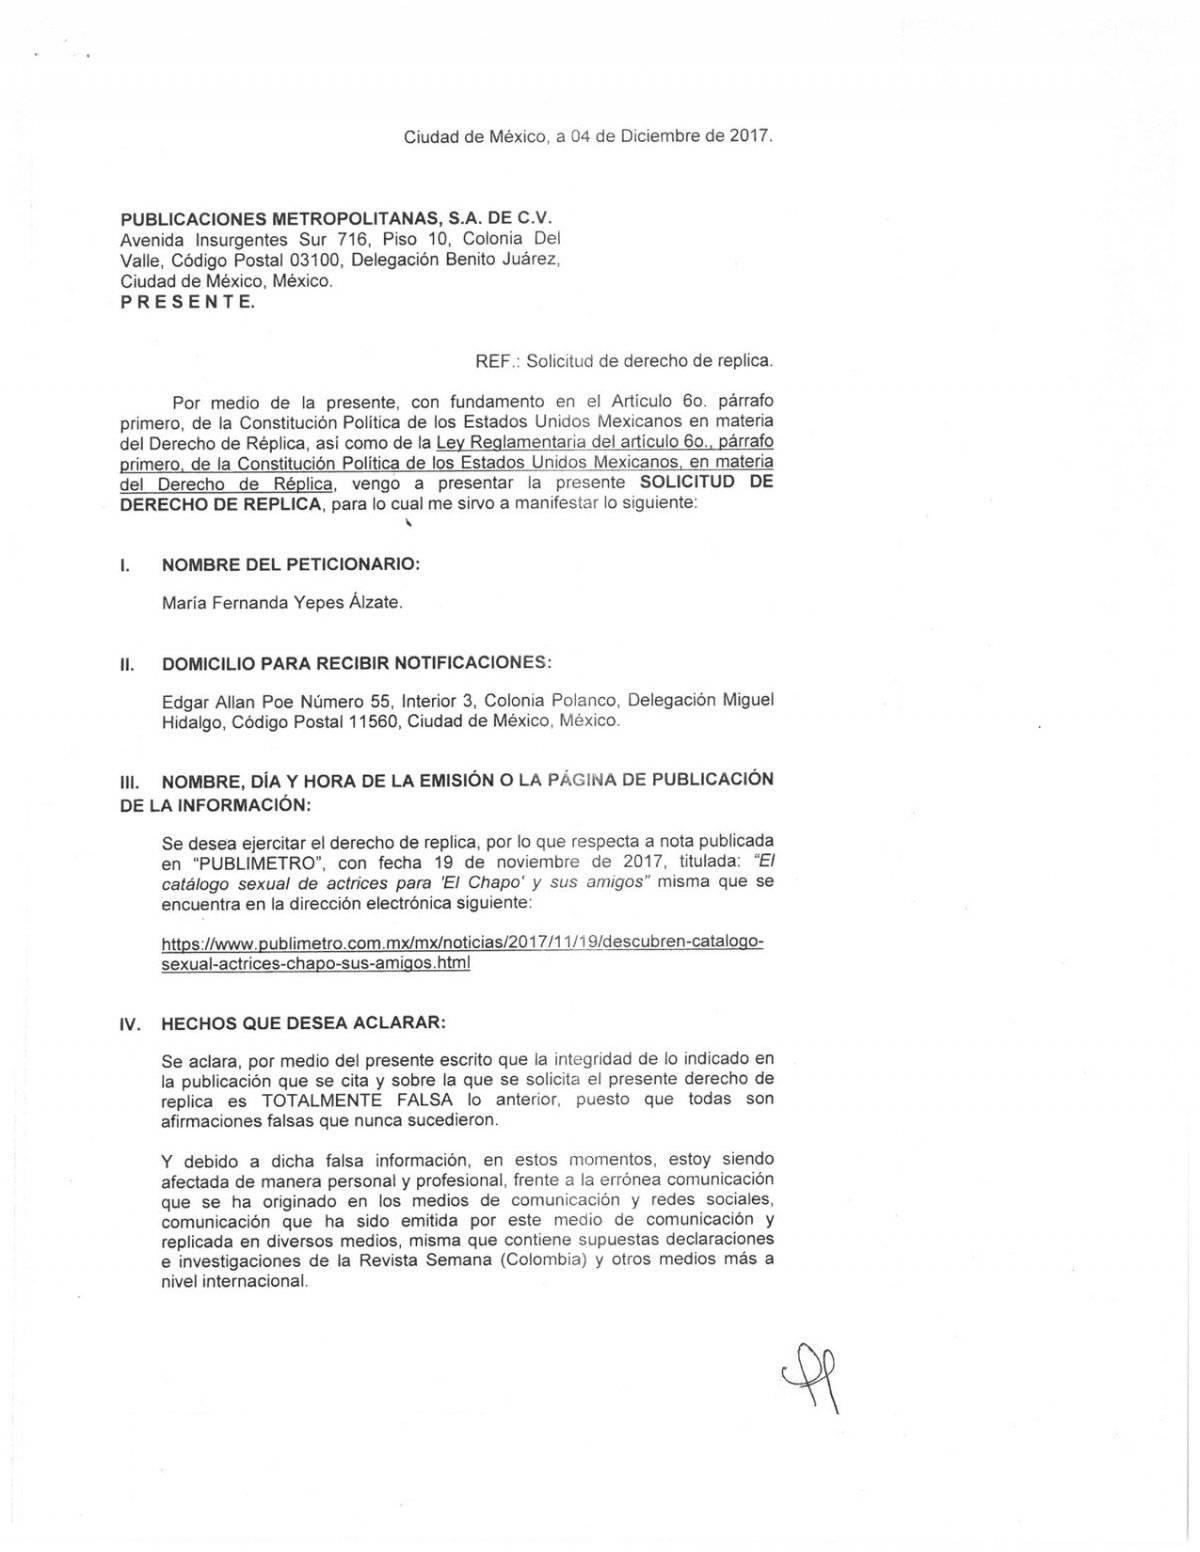 Aclaración, derecho de réplica, María Fernanda Yepes Alzate